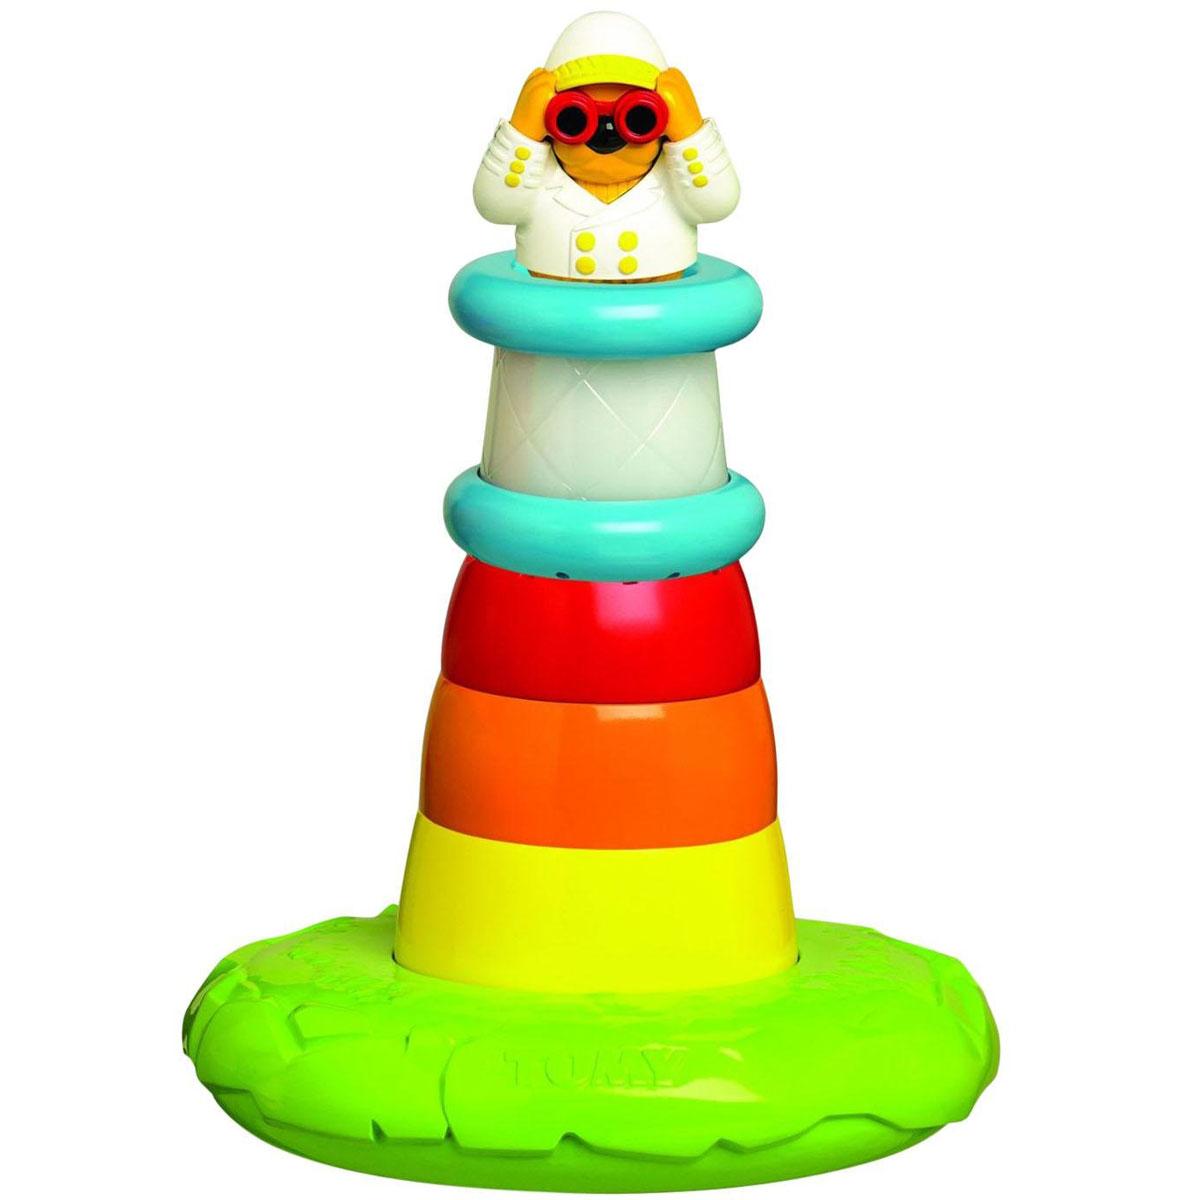 Tomy Развивающая игрушка-сортер для ванной Маяк, со световыми и звуковыми эффектамиE72194RUРазвивающая игрушка-сортер для ванной Tomy Маяк обязательно привлечет внимание вашего малыша. Выполнена игрушка из прочных и безопасных материалов в виде яркой пирамидки. Каждый блок пирамидки имеет разные отверстия для проливания воды, а когда ребенок соберет игрушку, загорится яркий свет маяка и послышатся морские звуки. Игрушка поможет малышу в развитии мелкой моторики, цветового и звукового восприятия. Для работы игрушки рекомендуется докупить 3 батарейки напряжением 1,5V типа LR44 (товар комплектуется демонстрационными).